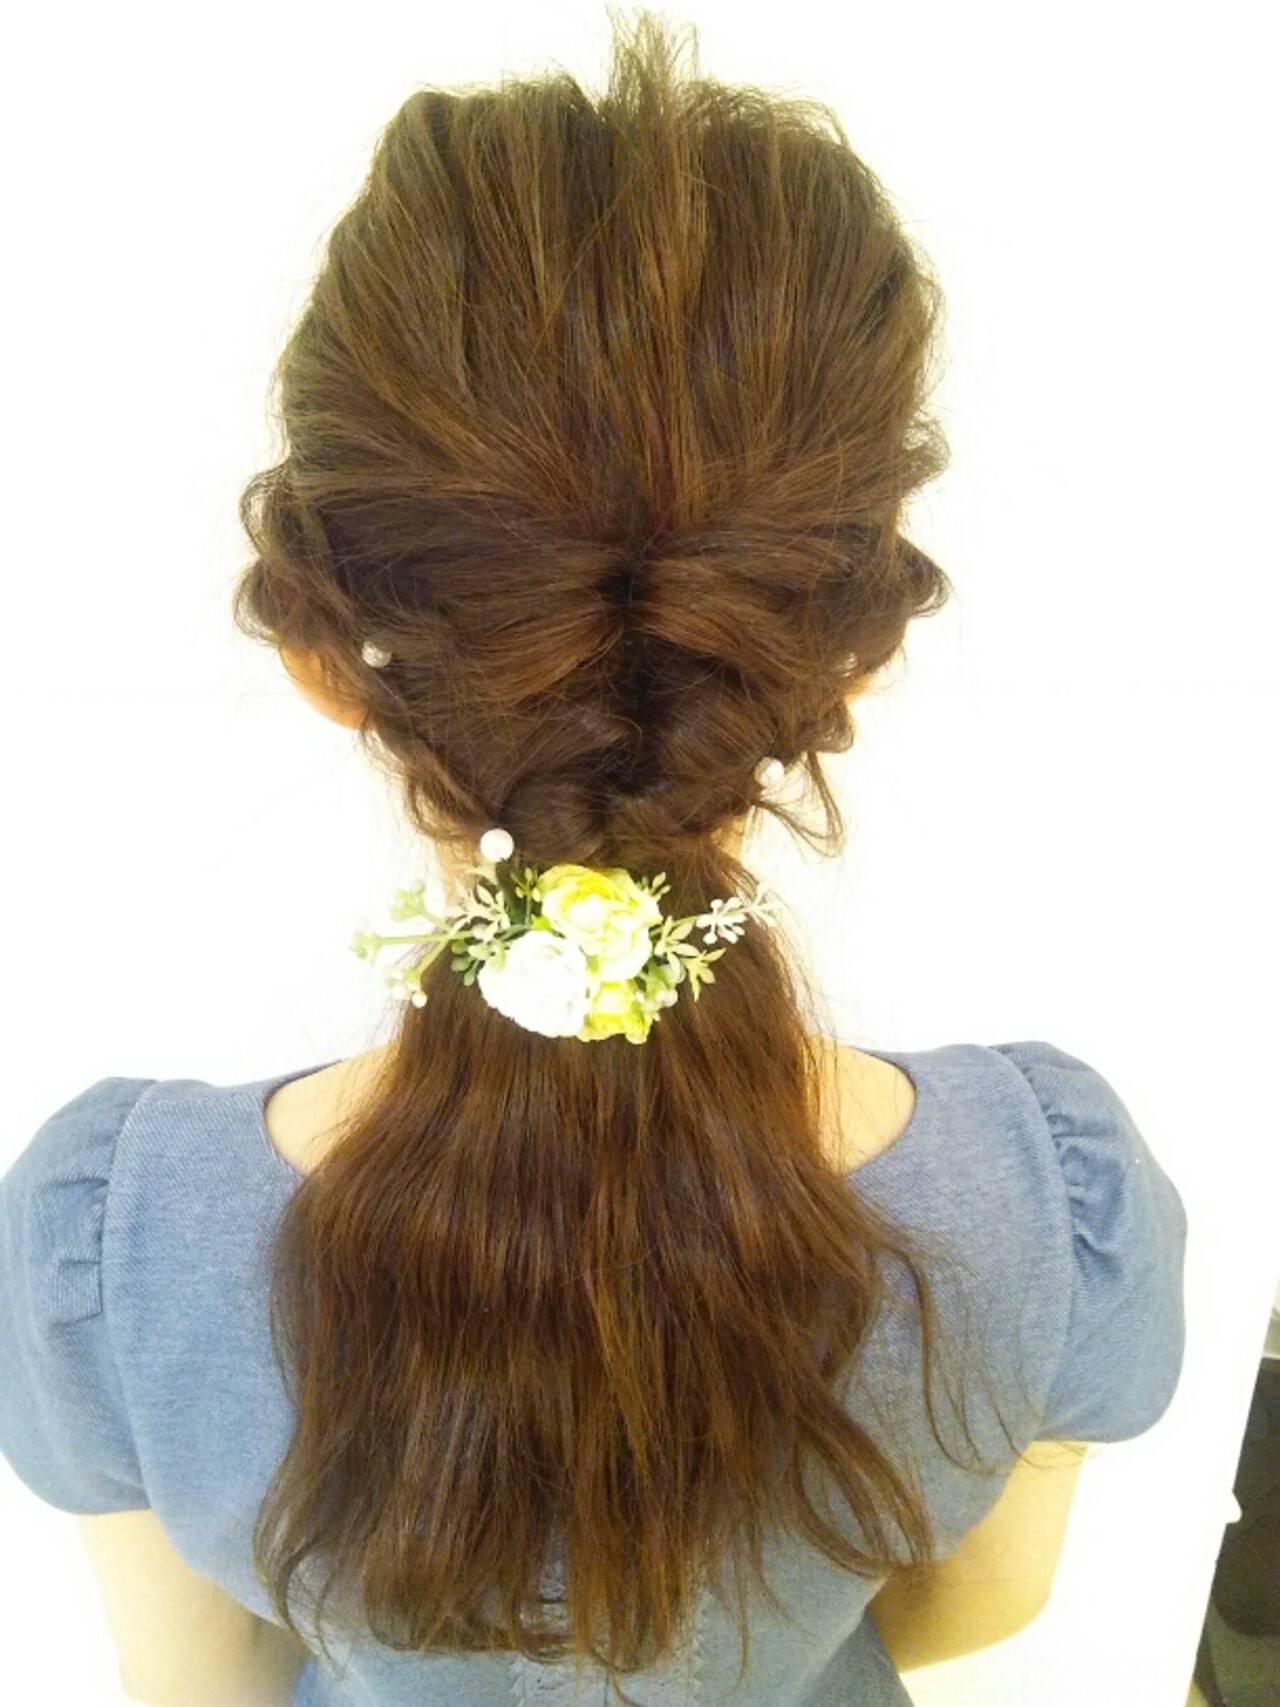 ヘアアレンジ ロング ブライダル パーティヘアスタイルや髪型の写真・画像